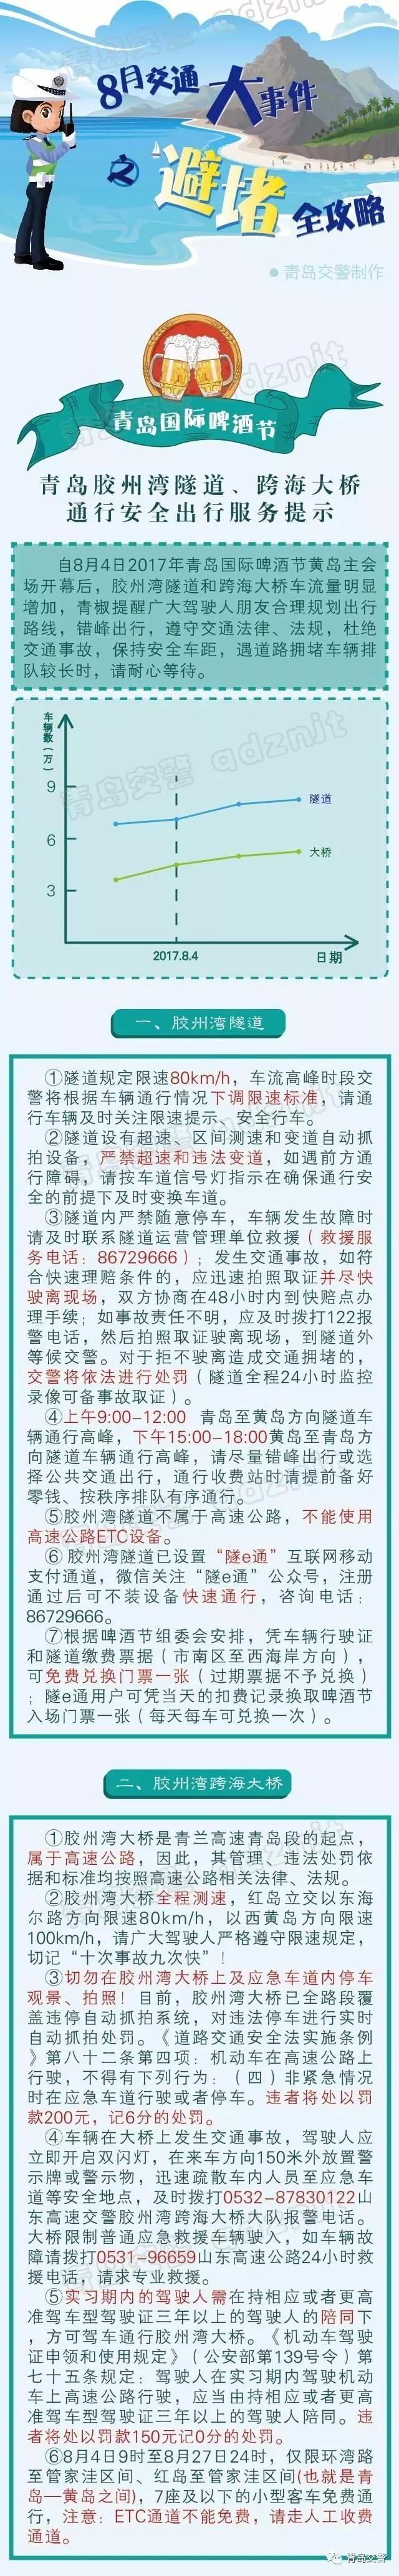 青岛8月交通大事件之避堵攻略 出行请提前规划